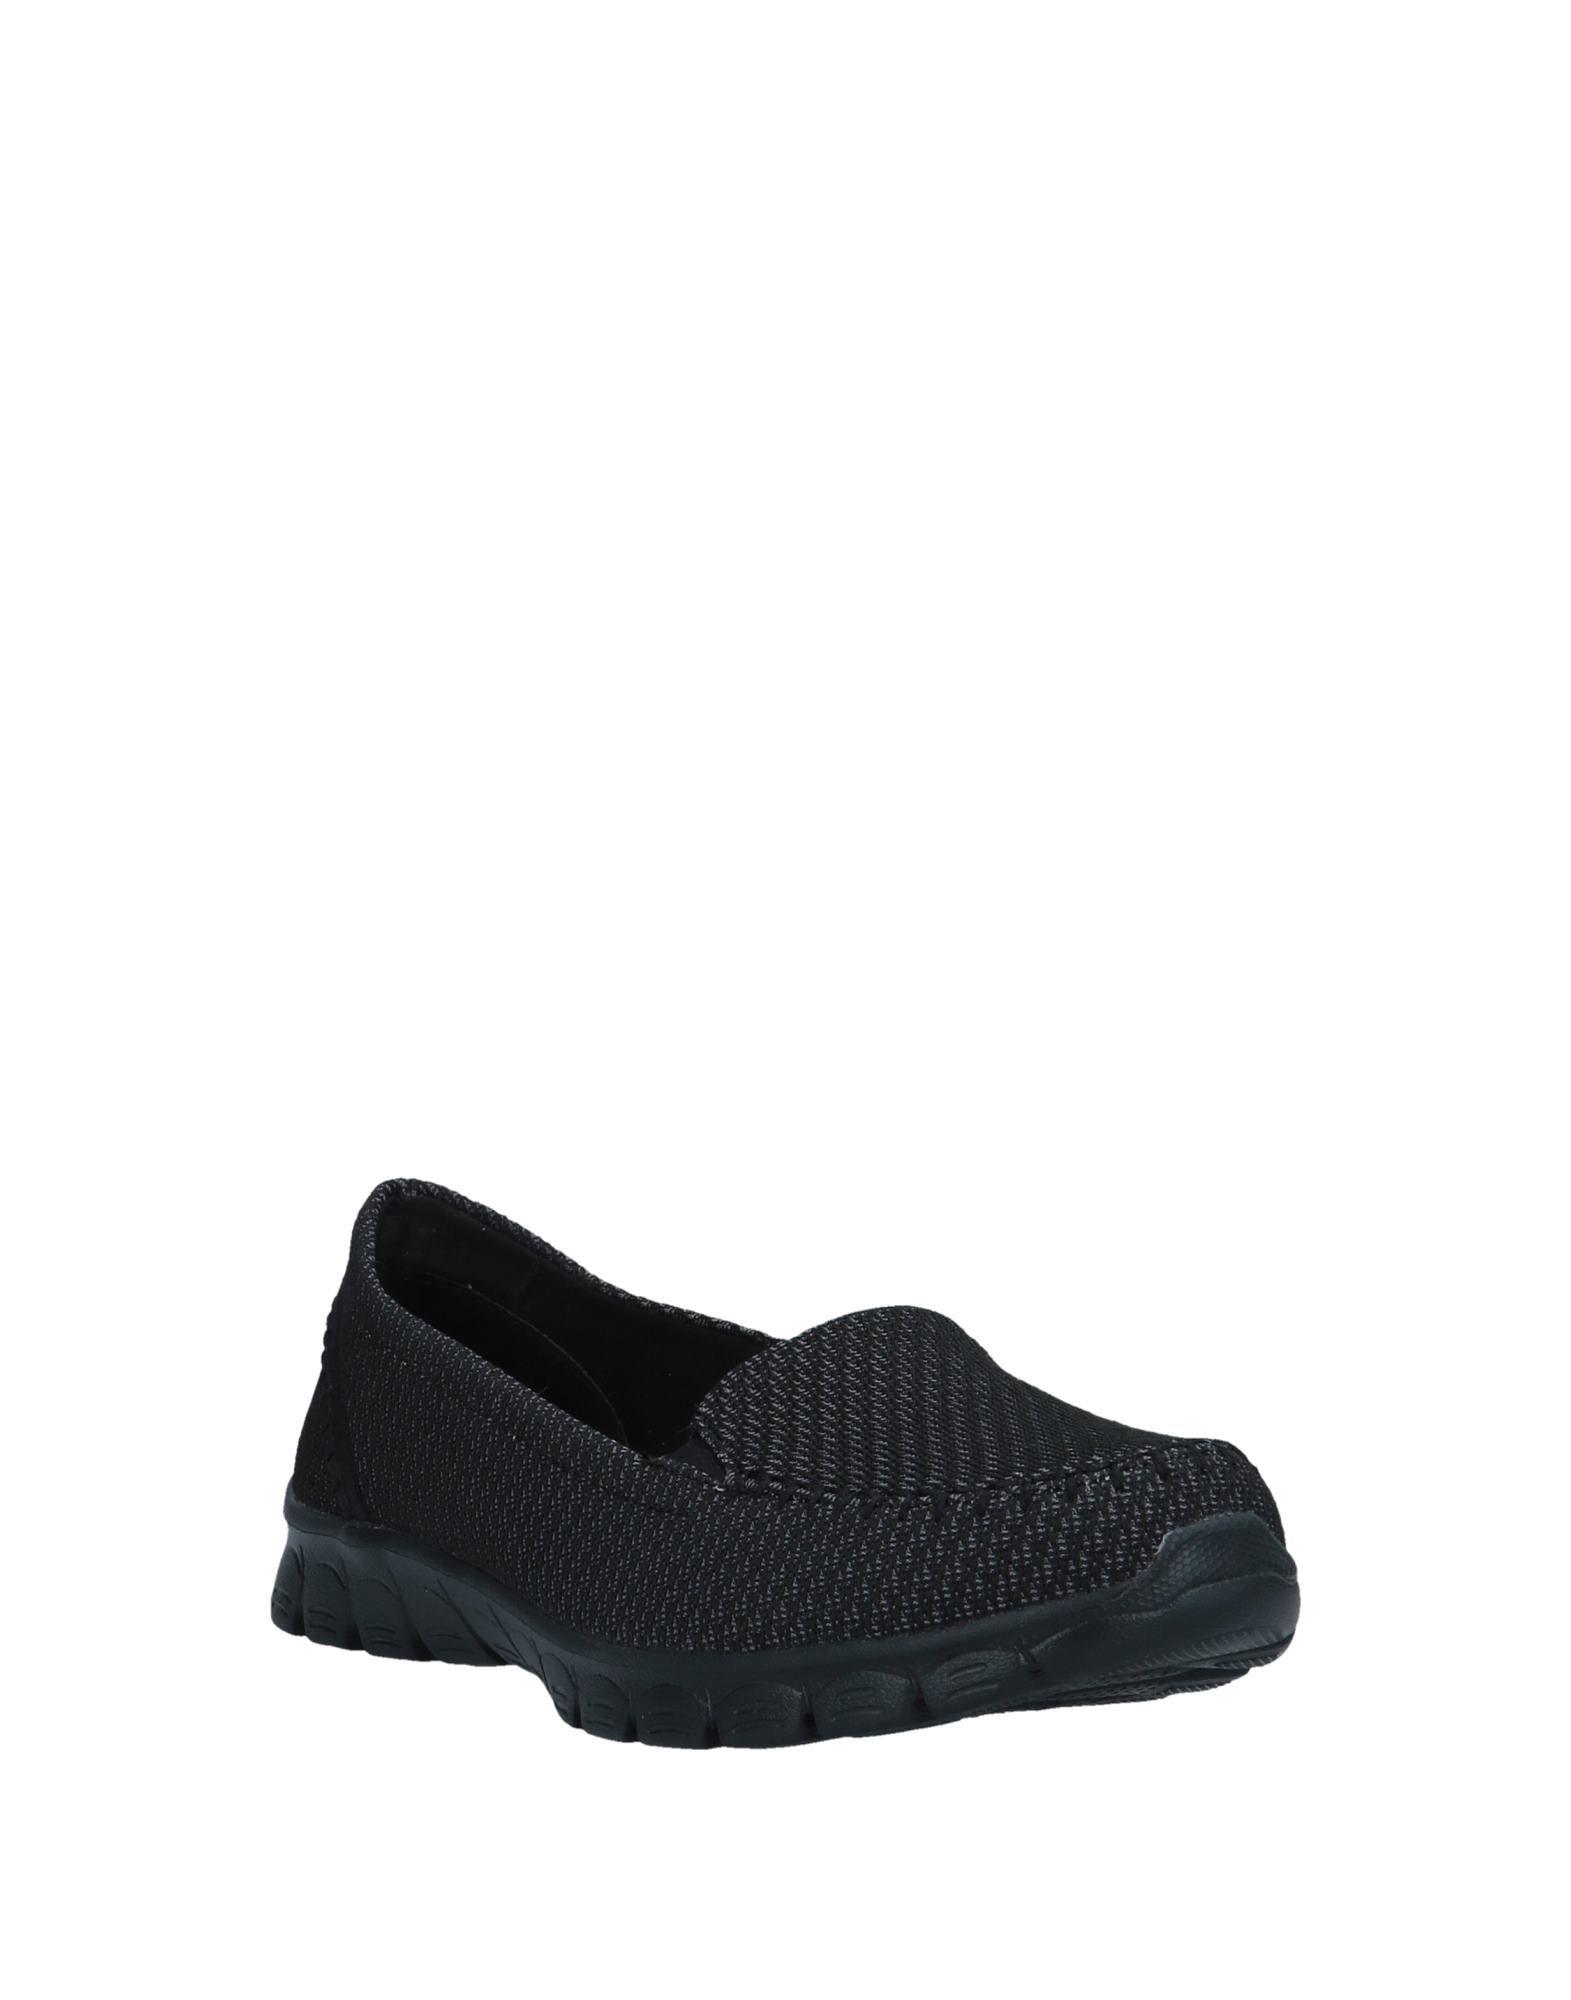 Skechers Mokassins Damen Qualität  11555016OW Gute Qualität Damen beliebte Schuhe b6b2f4